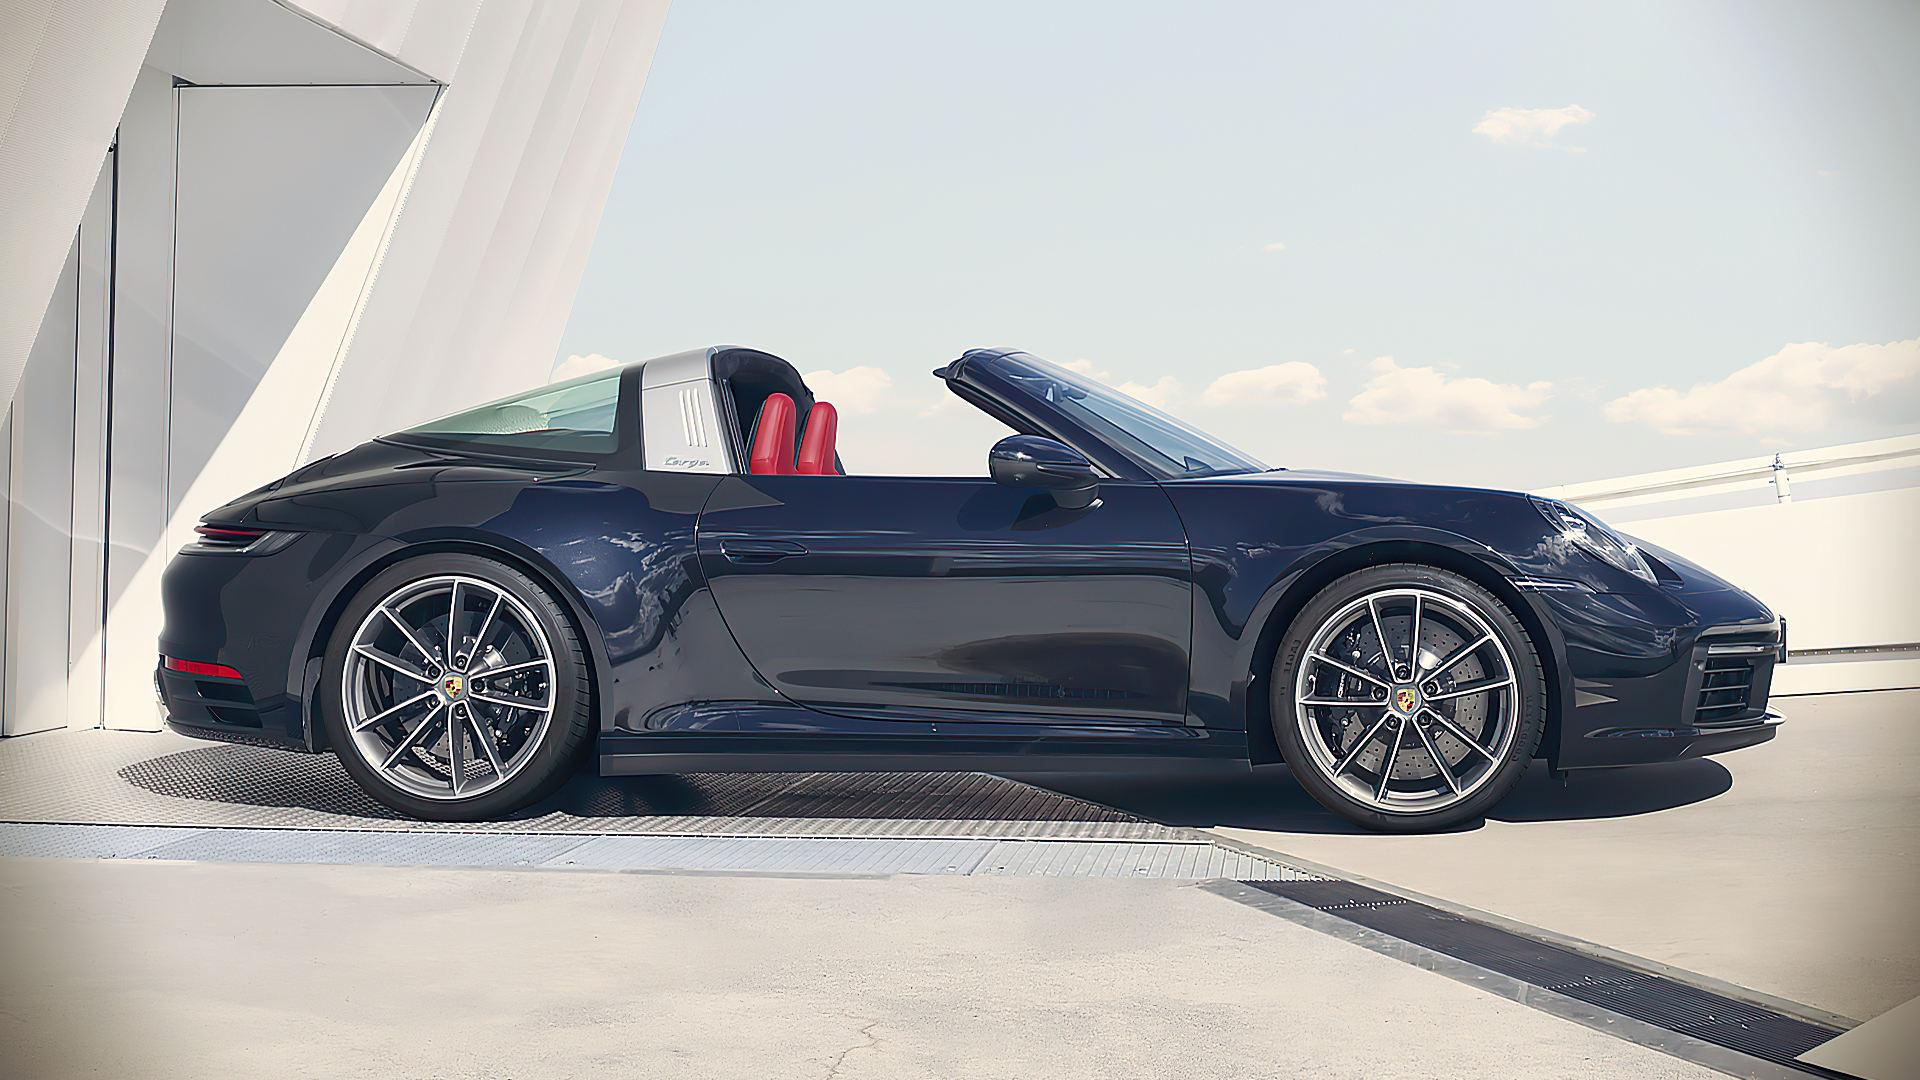 2021 Porsche 911 Targa 4 Convertible Images Photos